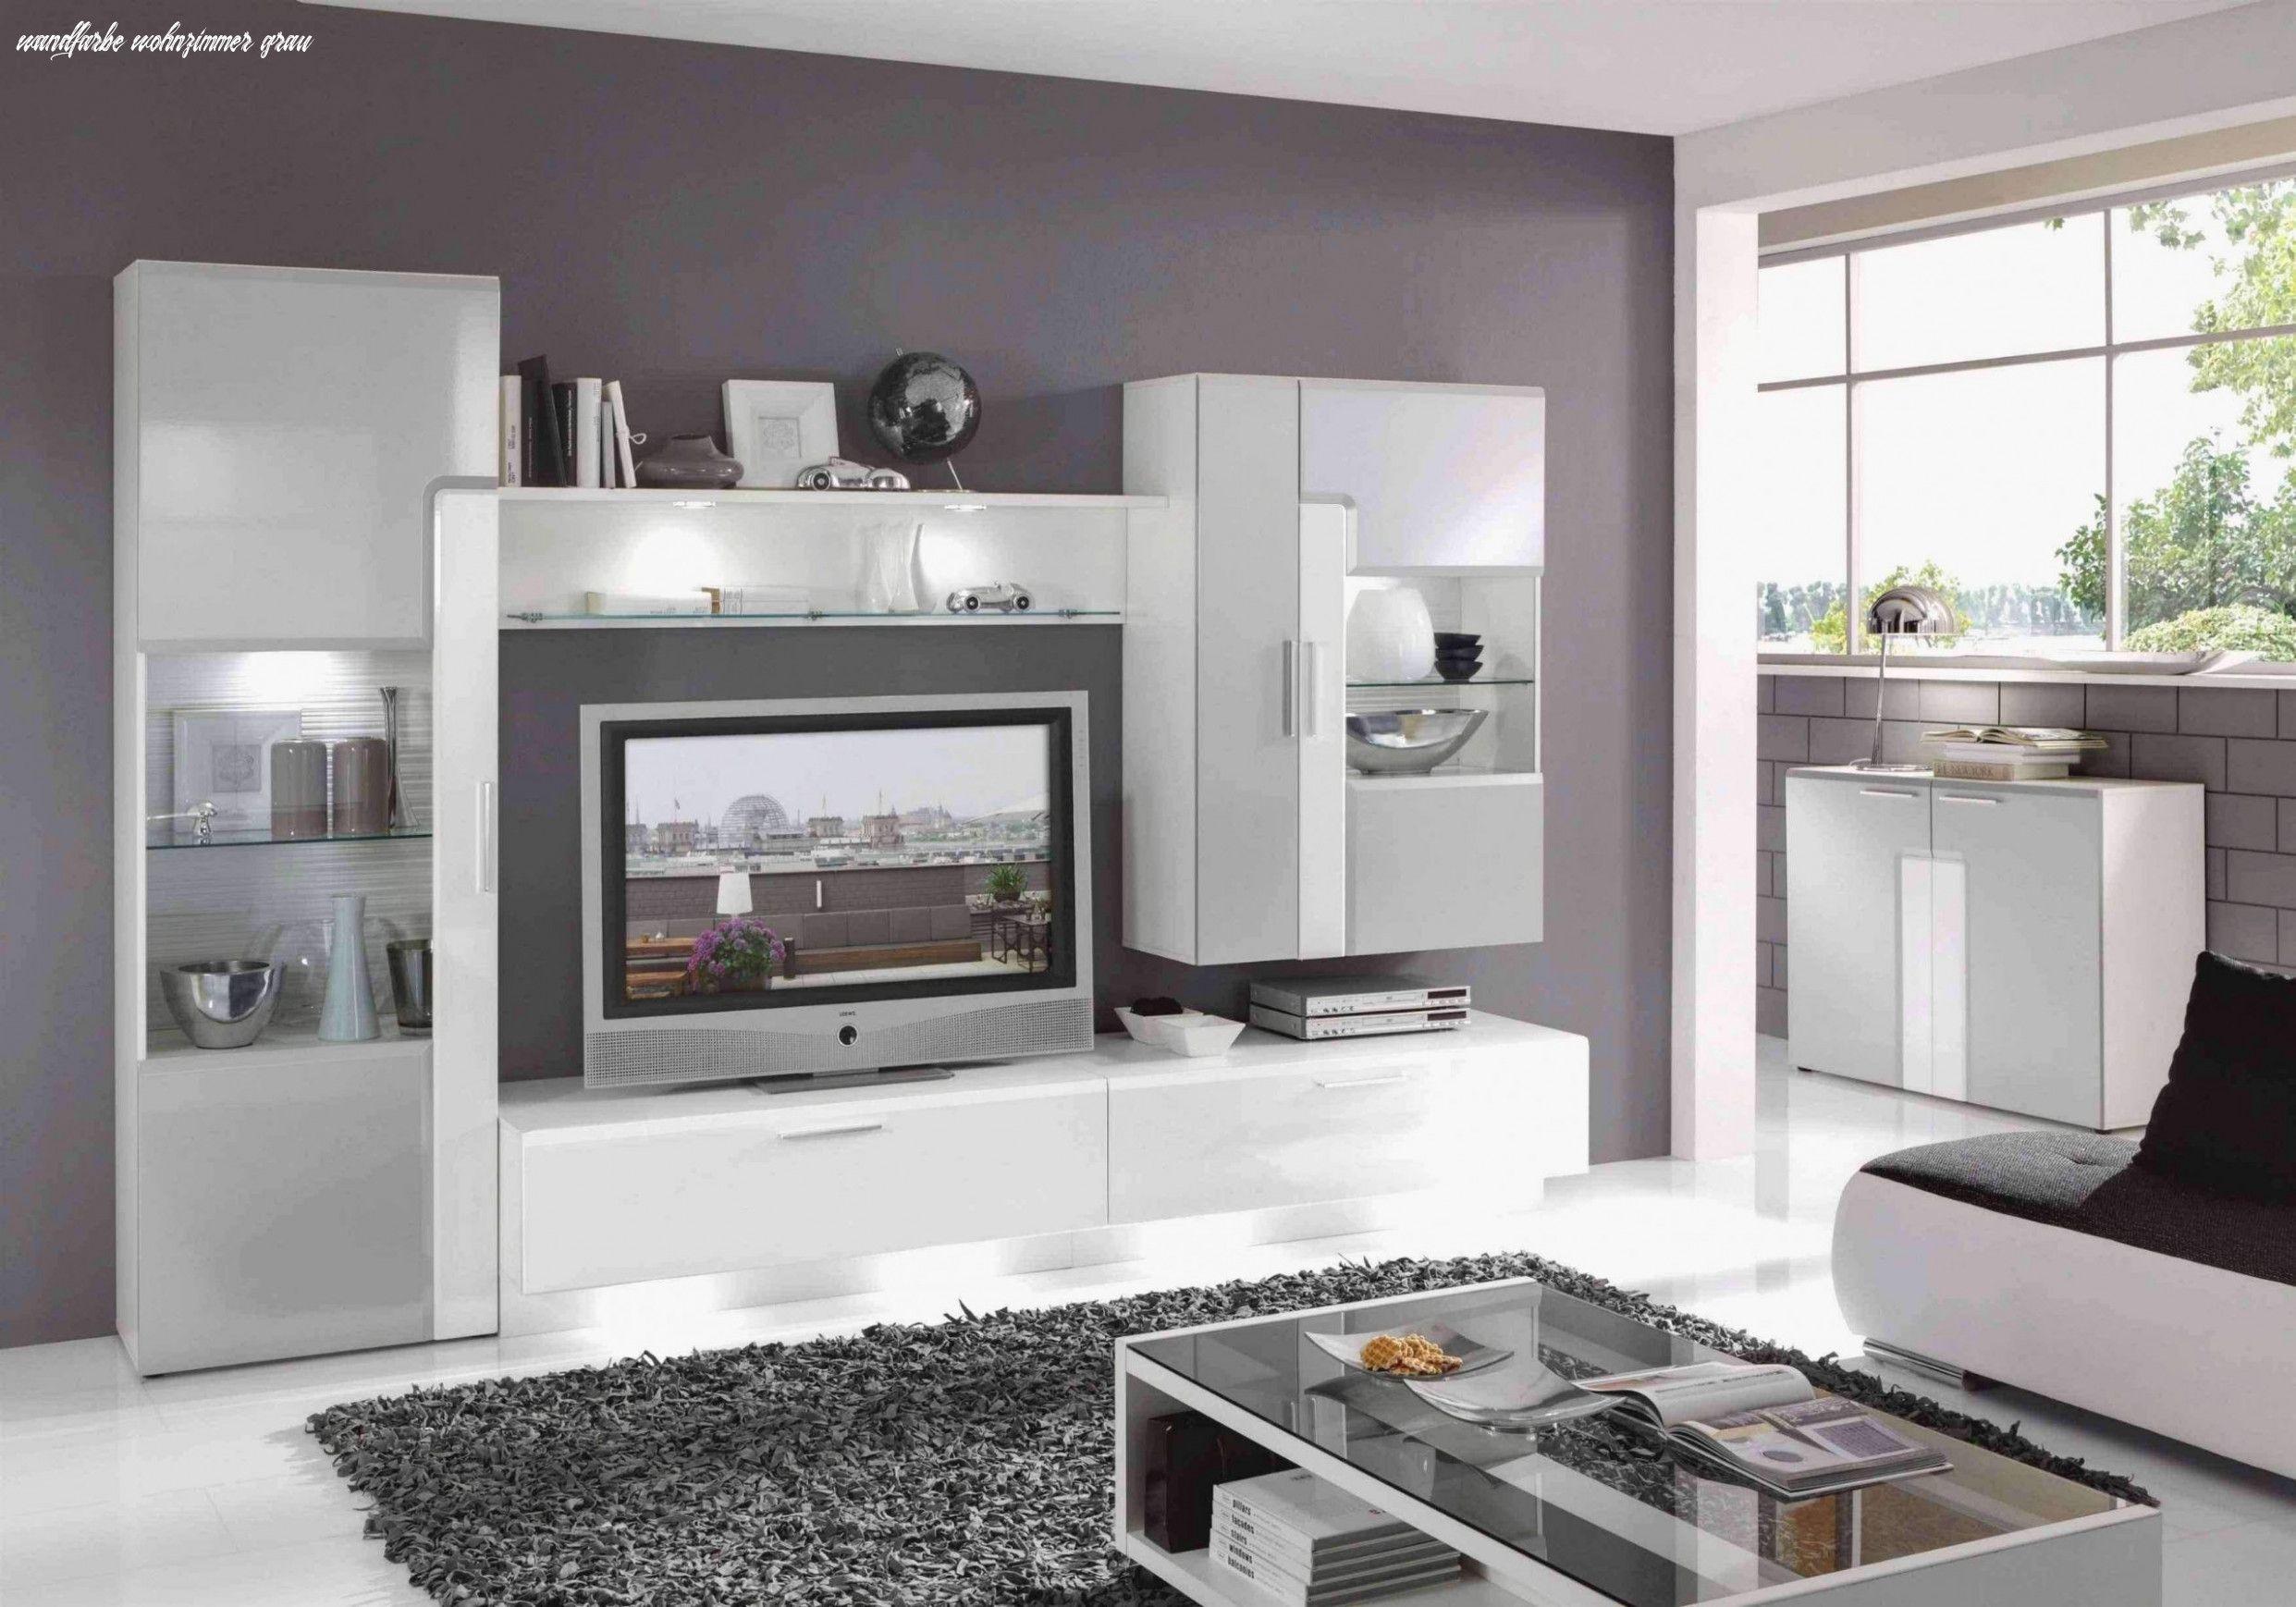 Alles Was Sie über Wandfarbe Wohnzimmer Grau Wissen Müssen in 4